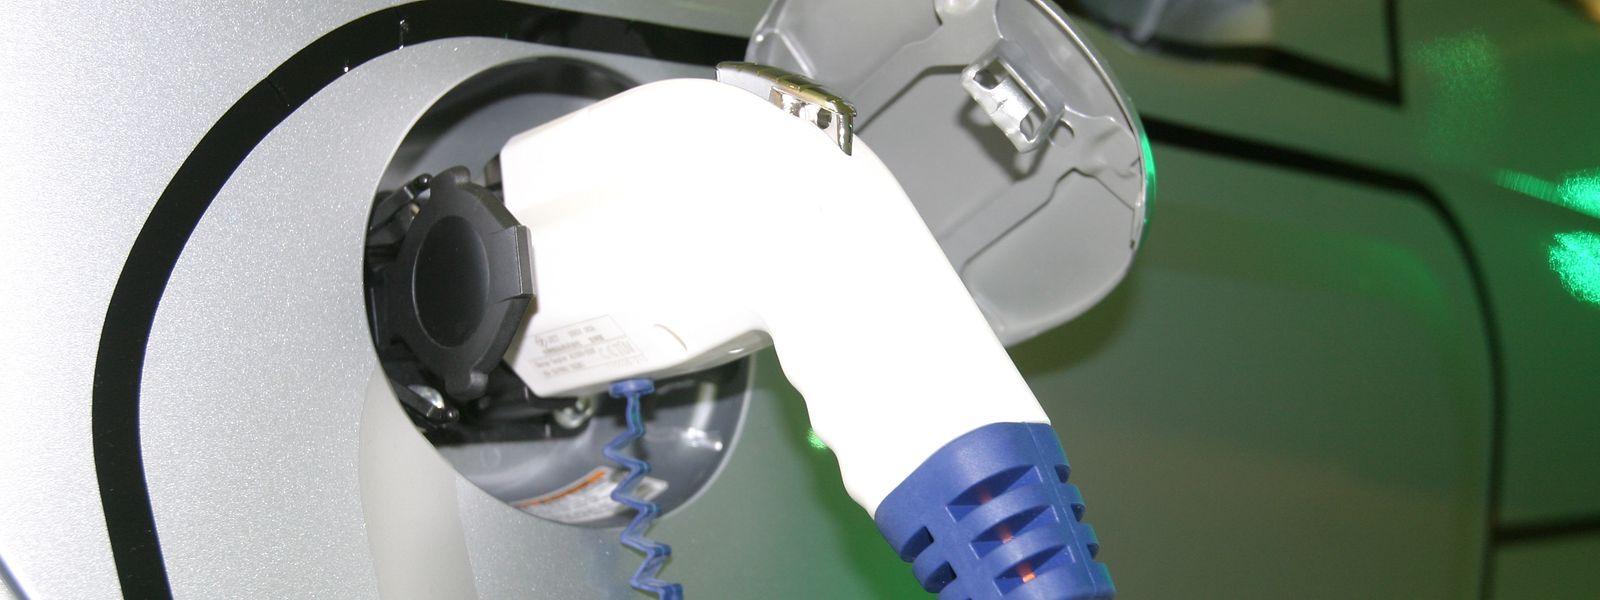 Même si le prix de l'électricité a augmenté en ce début d'année 2020, les coûts d'un véhicule électrique restent limités.